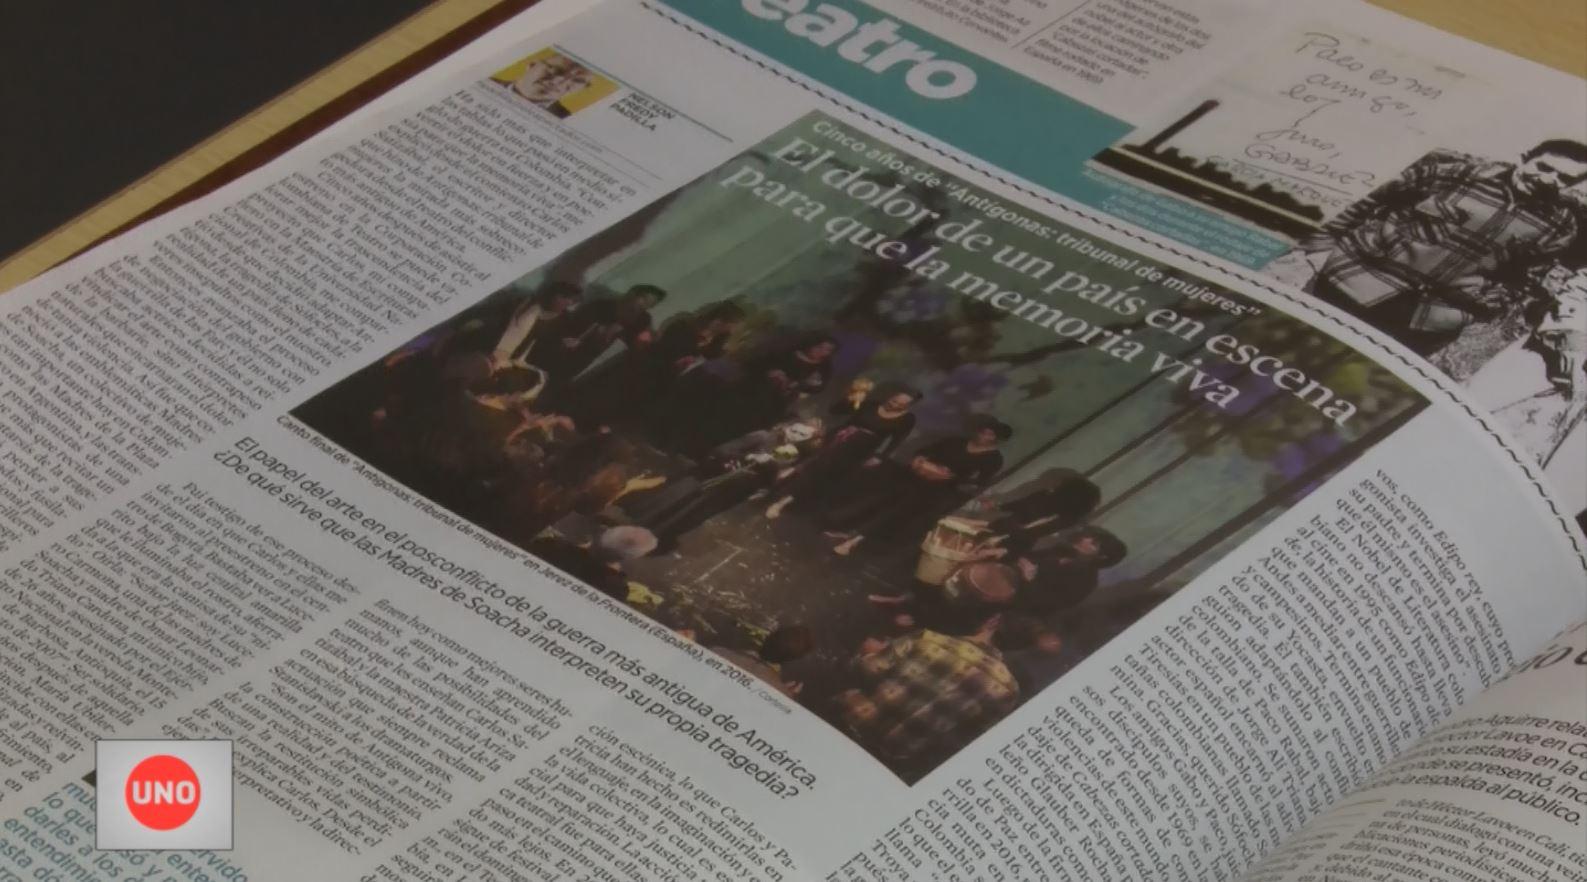 El periodista colombiano Nelson Padilla ganó el premio cultural Paco Rabal